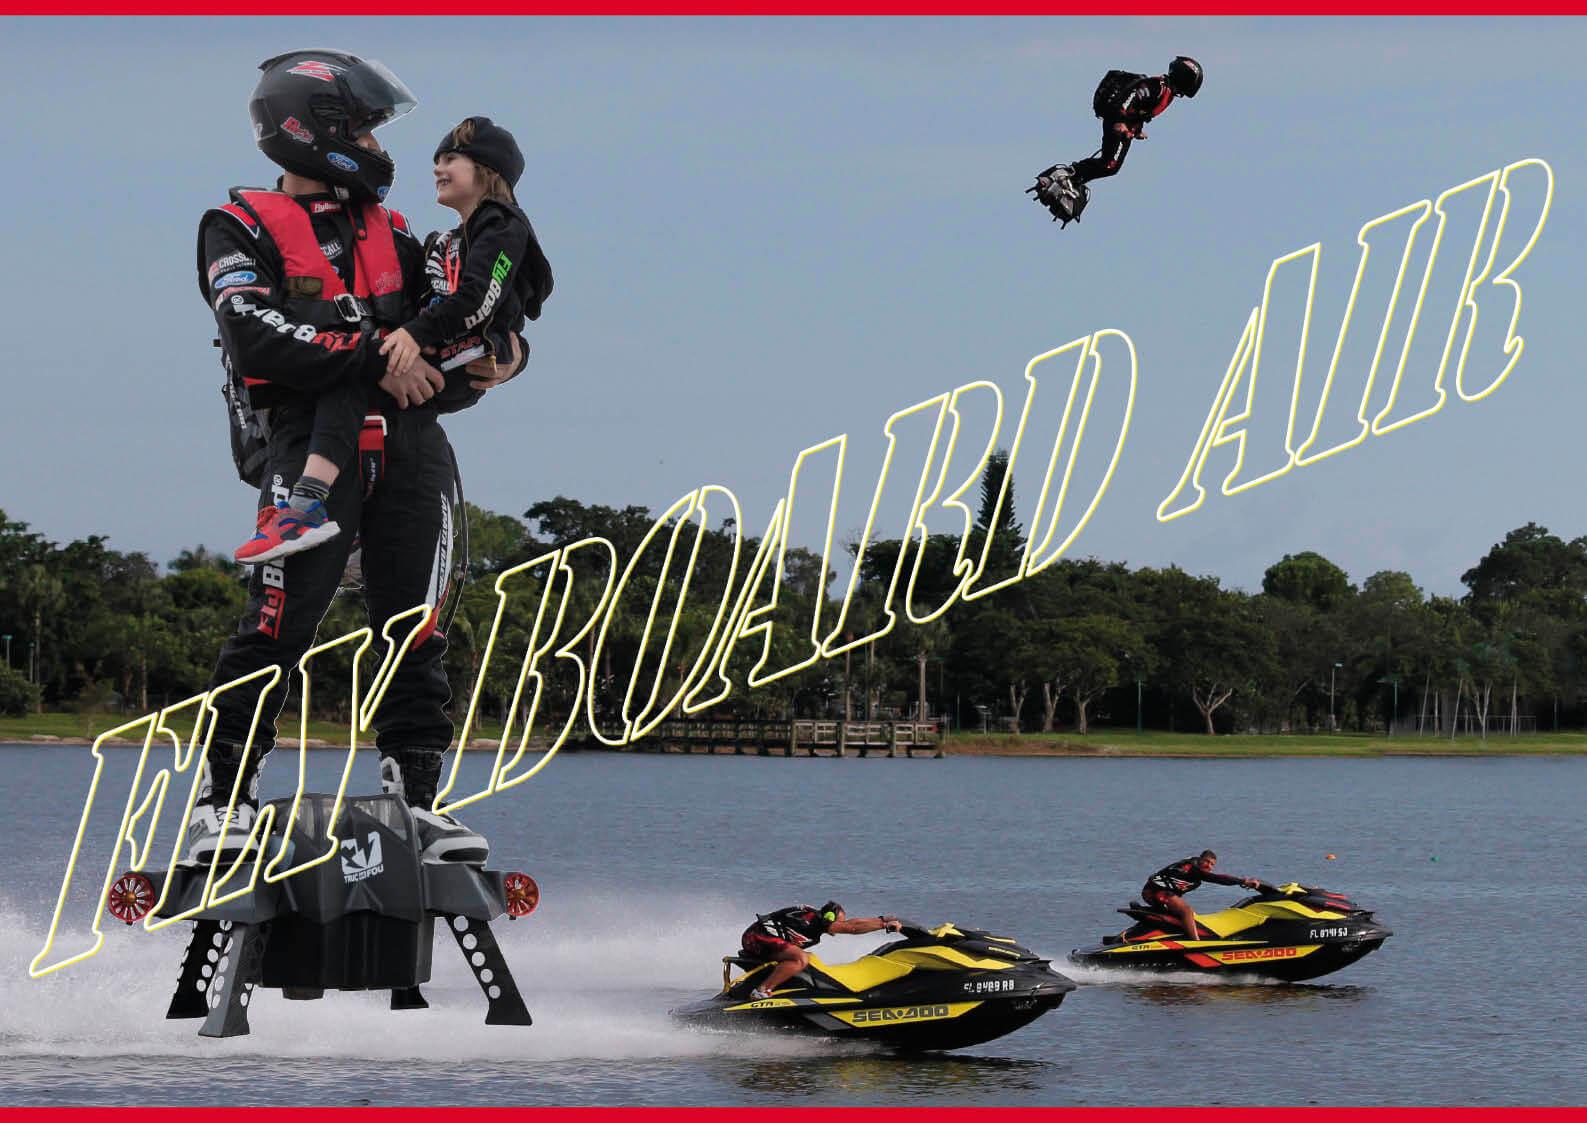 レースマシンの開発から生まれた、フライボードエアーとは【動画付き】 ジェットスキー(水上バイク)